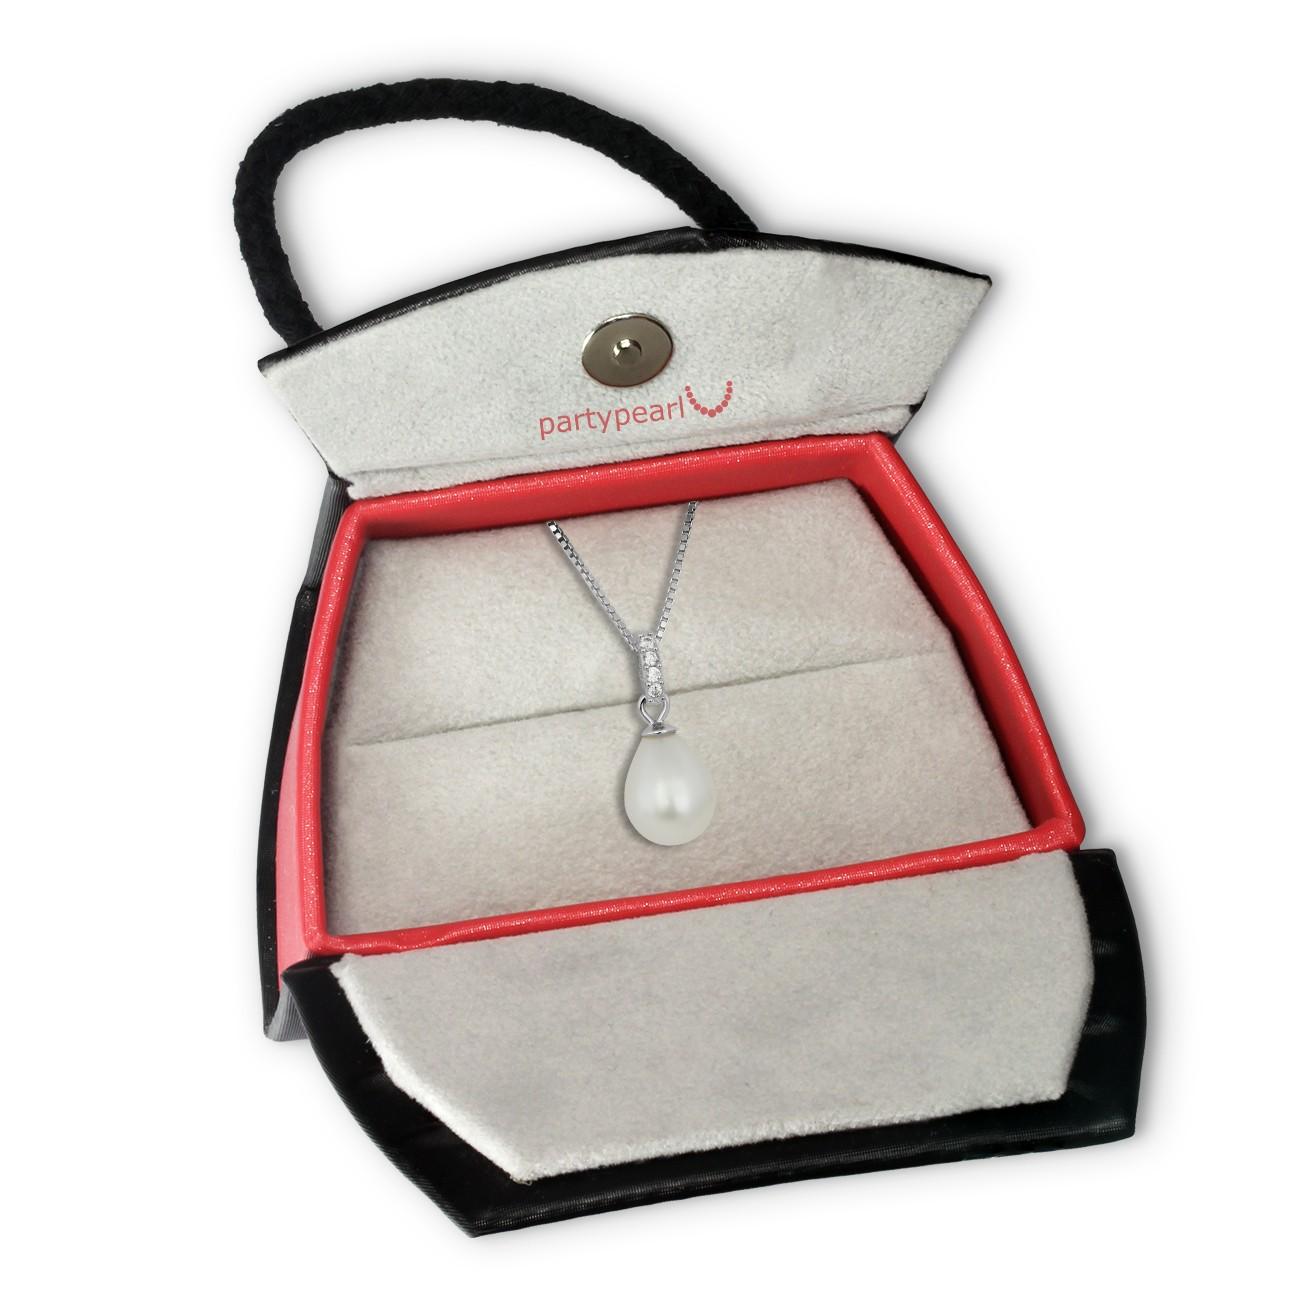 PartyPearl Schmuck Set Perlenkette weiß mit Verpackung Damen 925 Silber PPK001W8